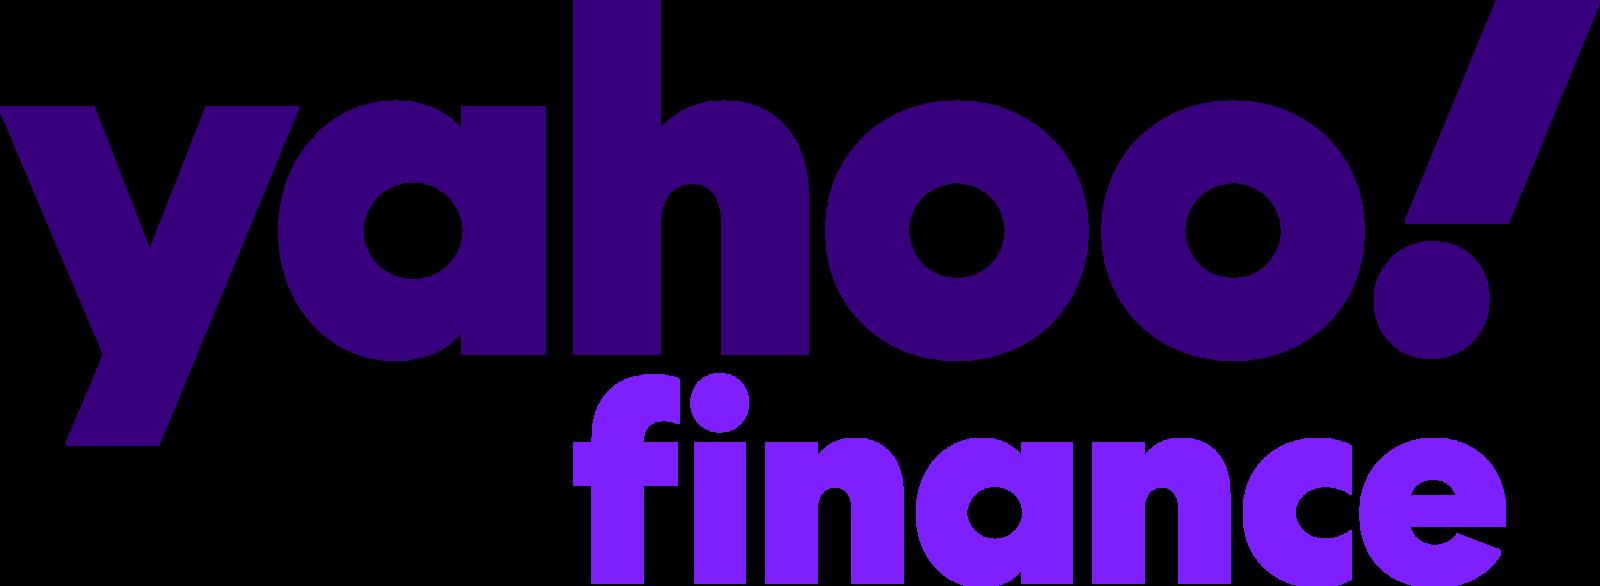 https://f.hubspotusercontent00.net/hubfs/5134751/YahooFinanceLogo.png